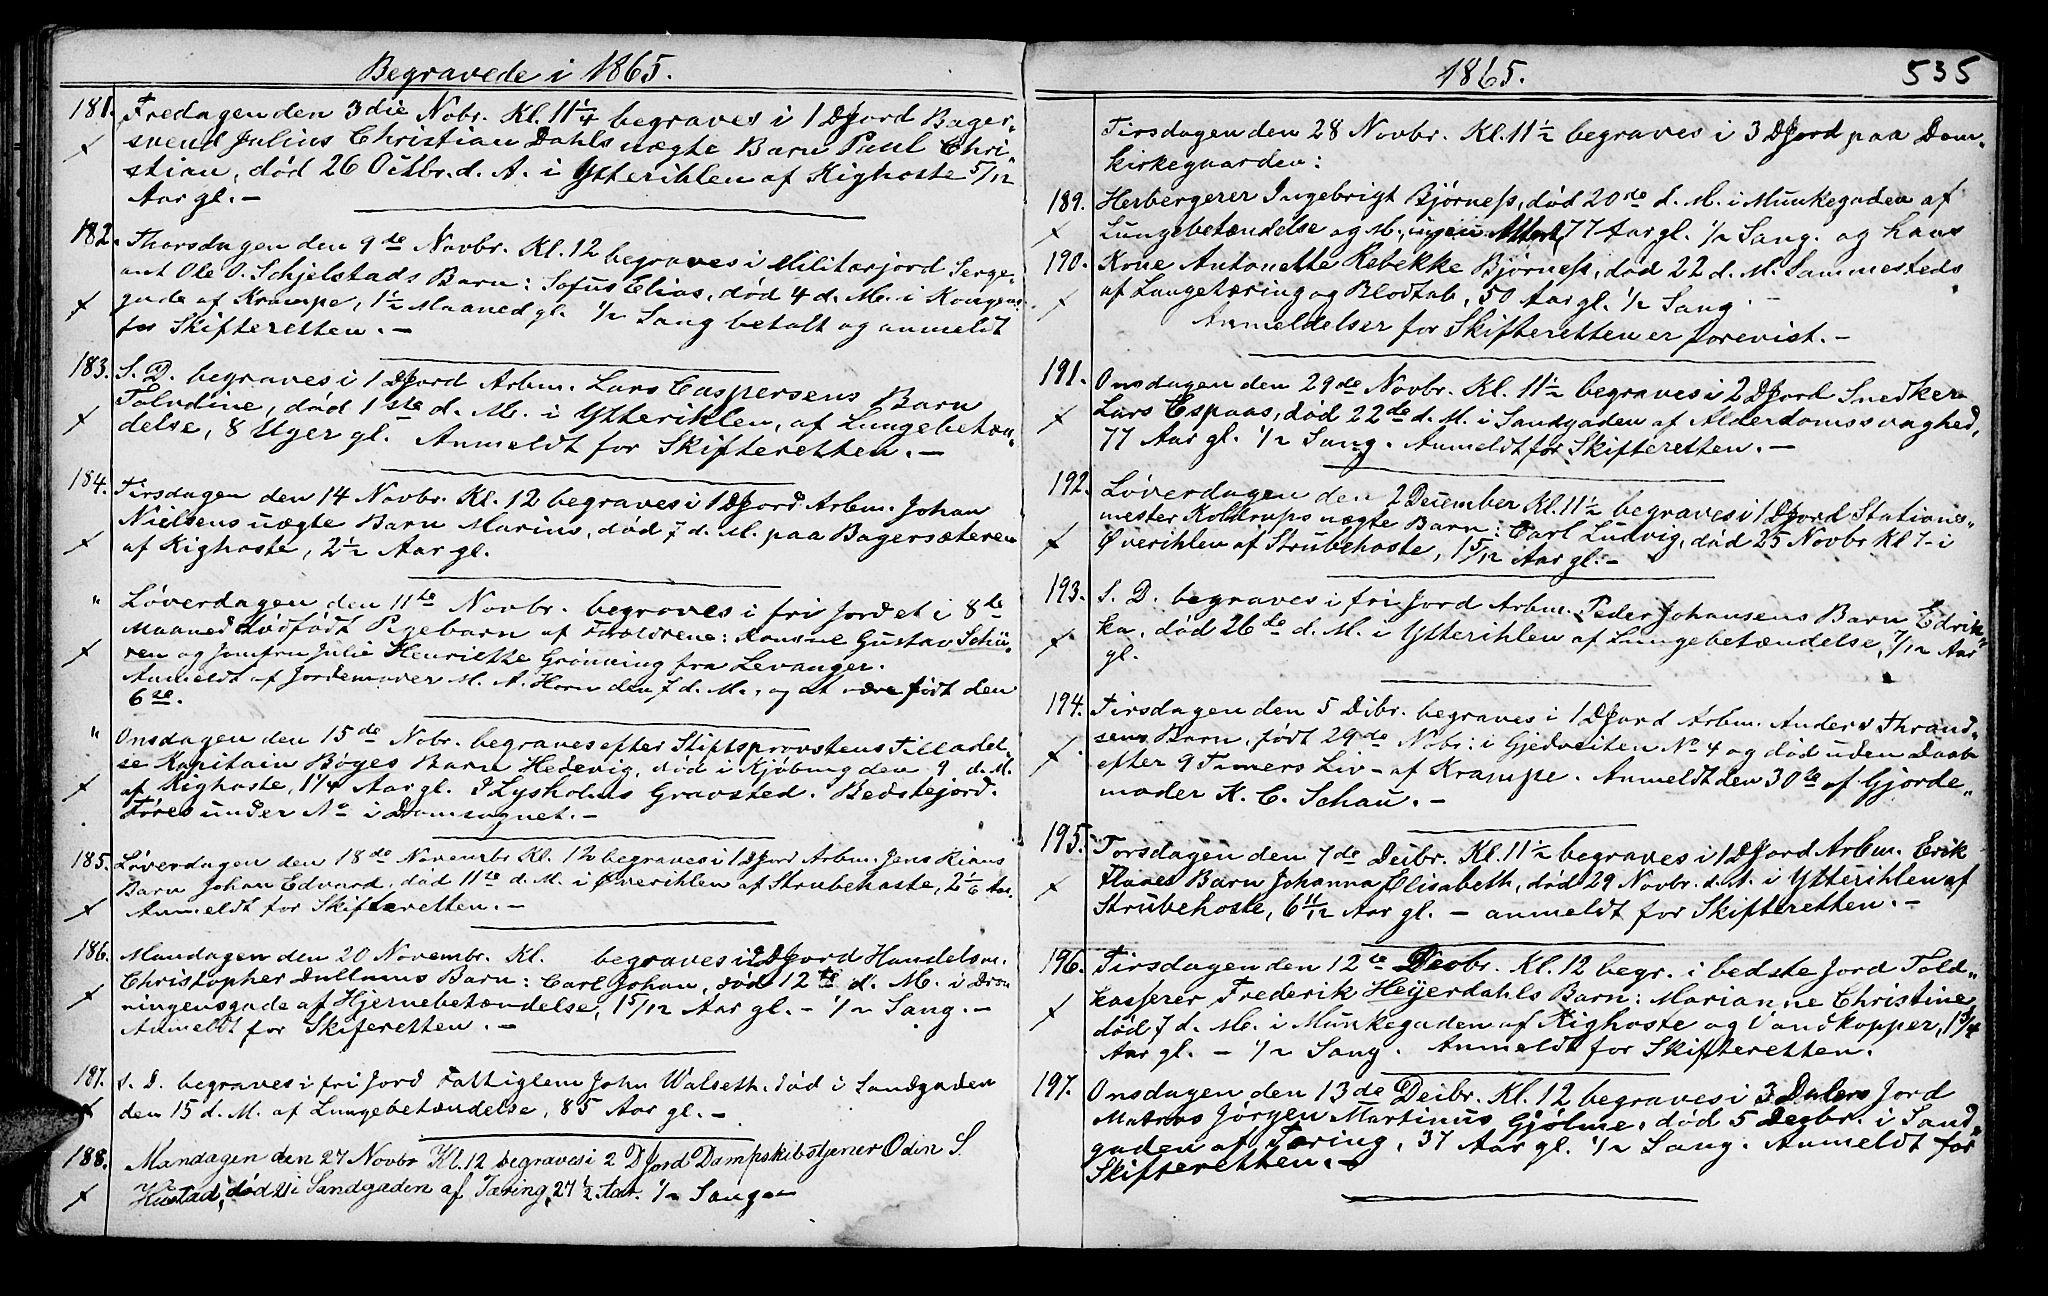 SAT, Ministerialprotokoller, klokkerbøker og fødselsregistre - Sør-Trøndelag, 602/L0140: Klokkerbok nr. 602C08, 1864-1872, s. 534-535